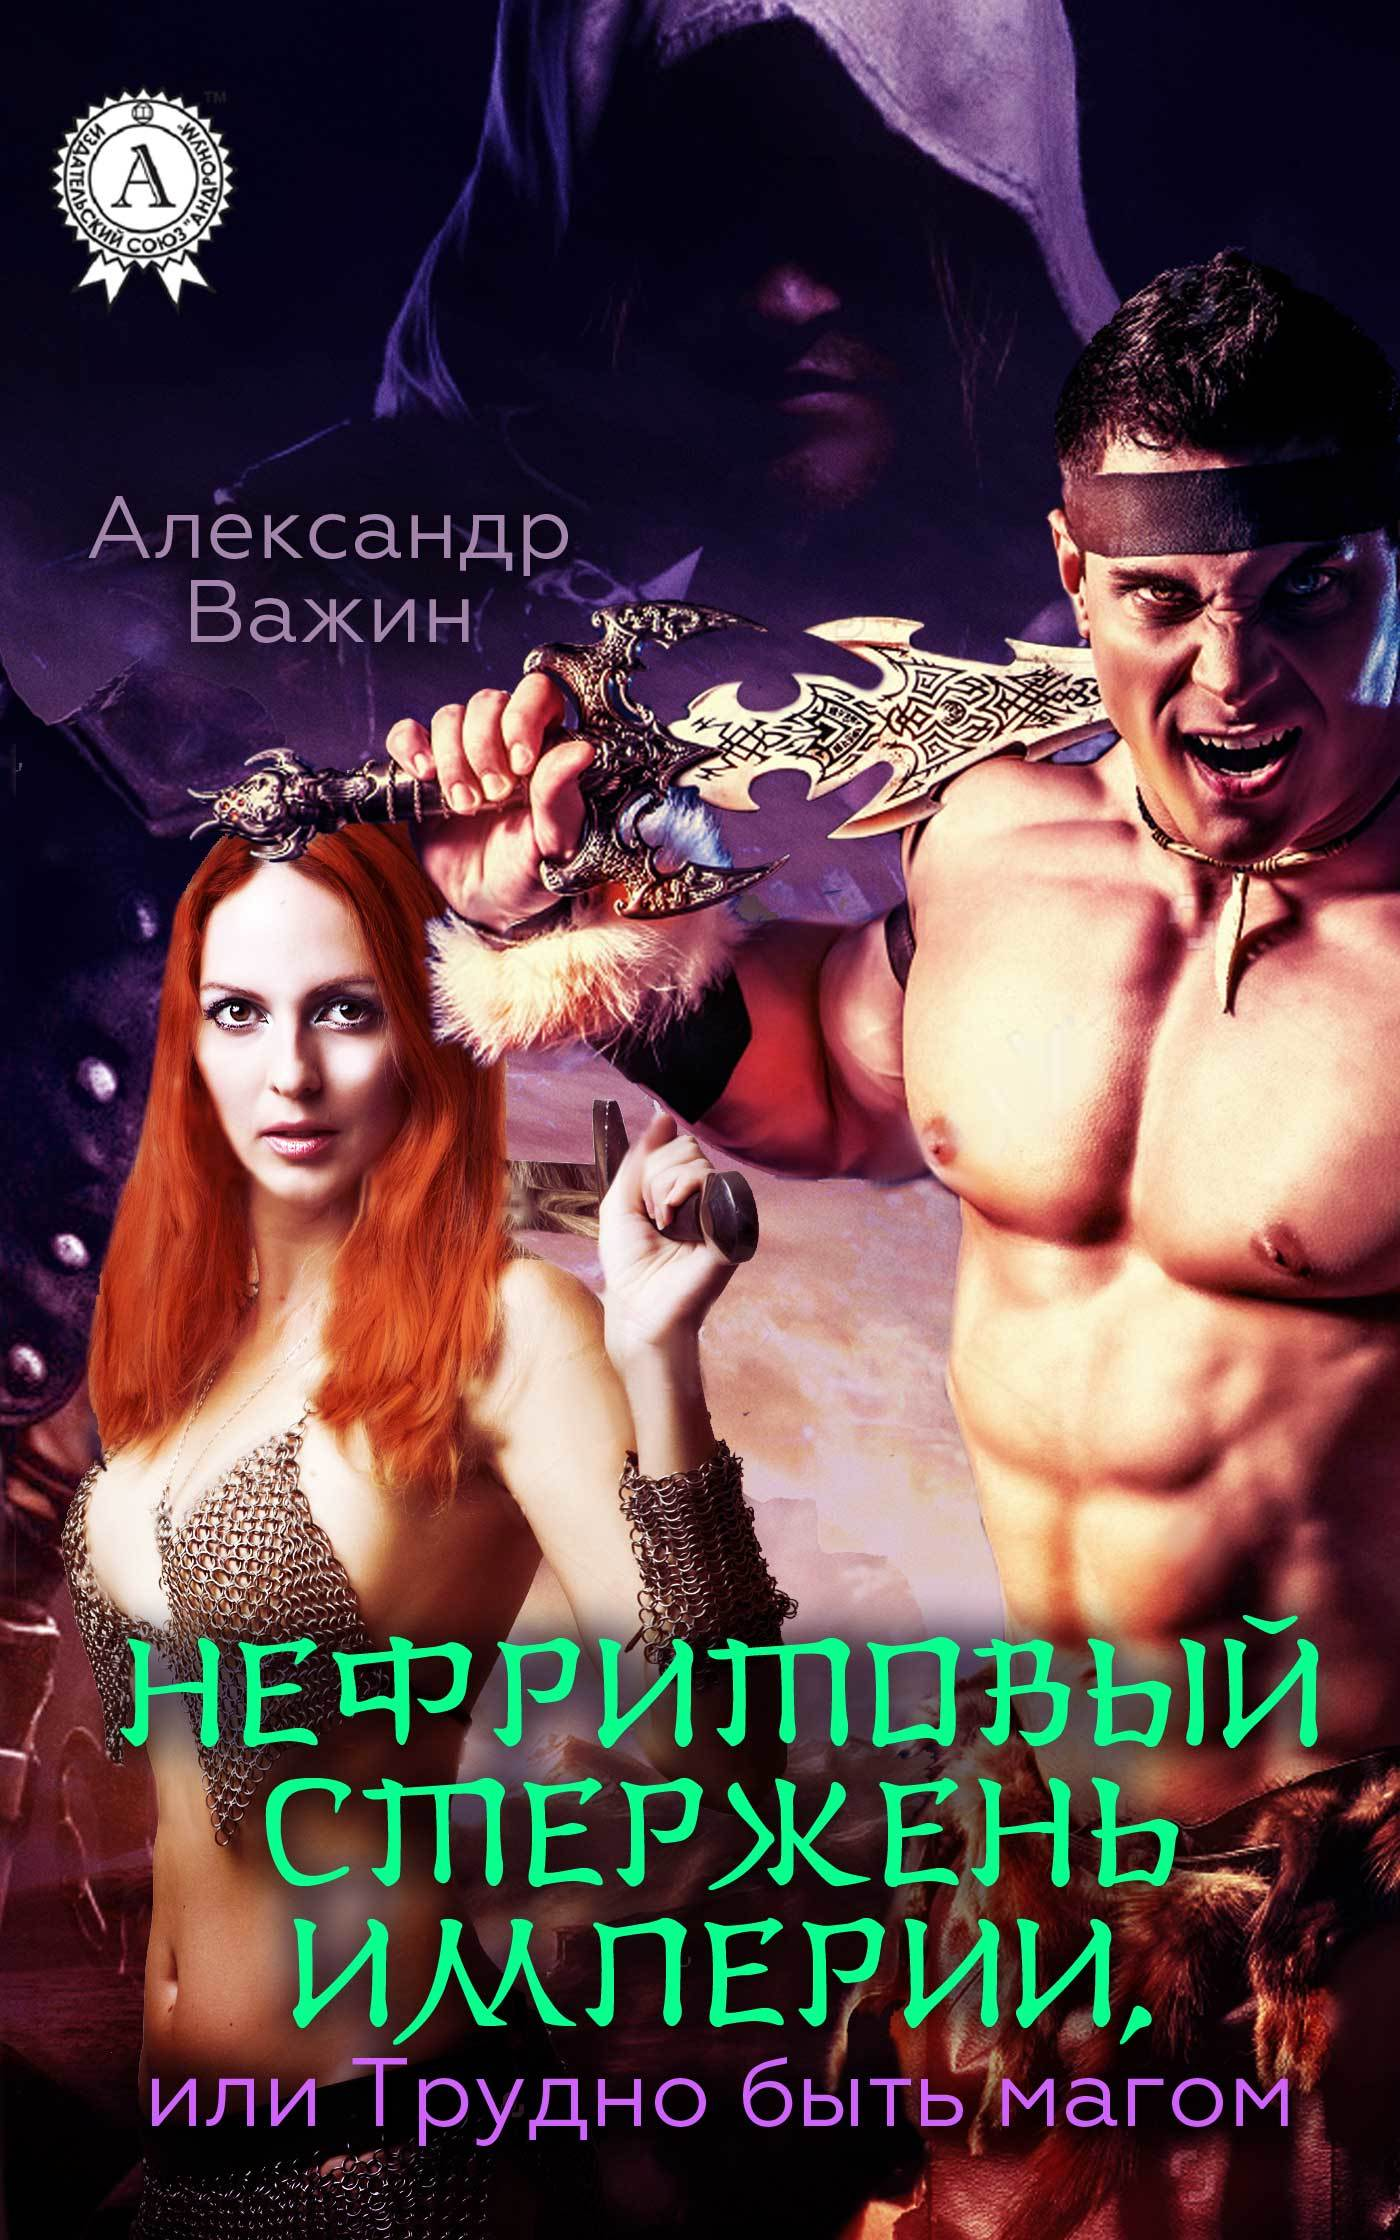 Александр Важин - Нефритовый стержень Империи, или Трудно быть Магом